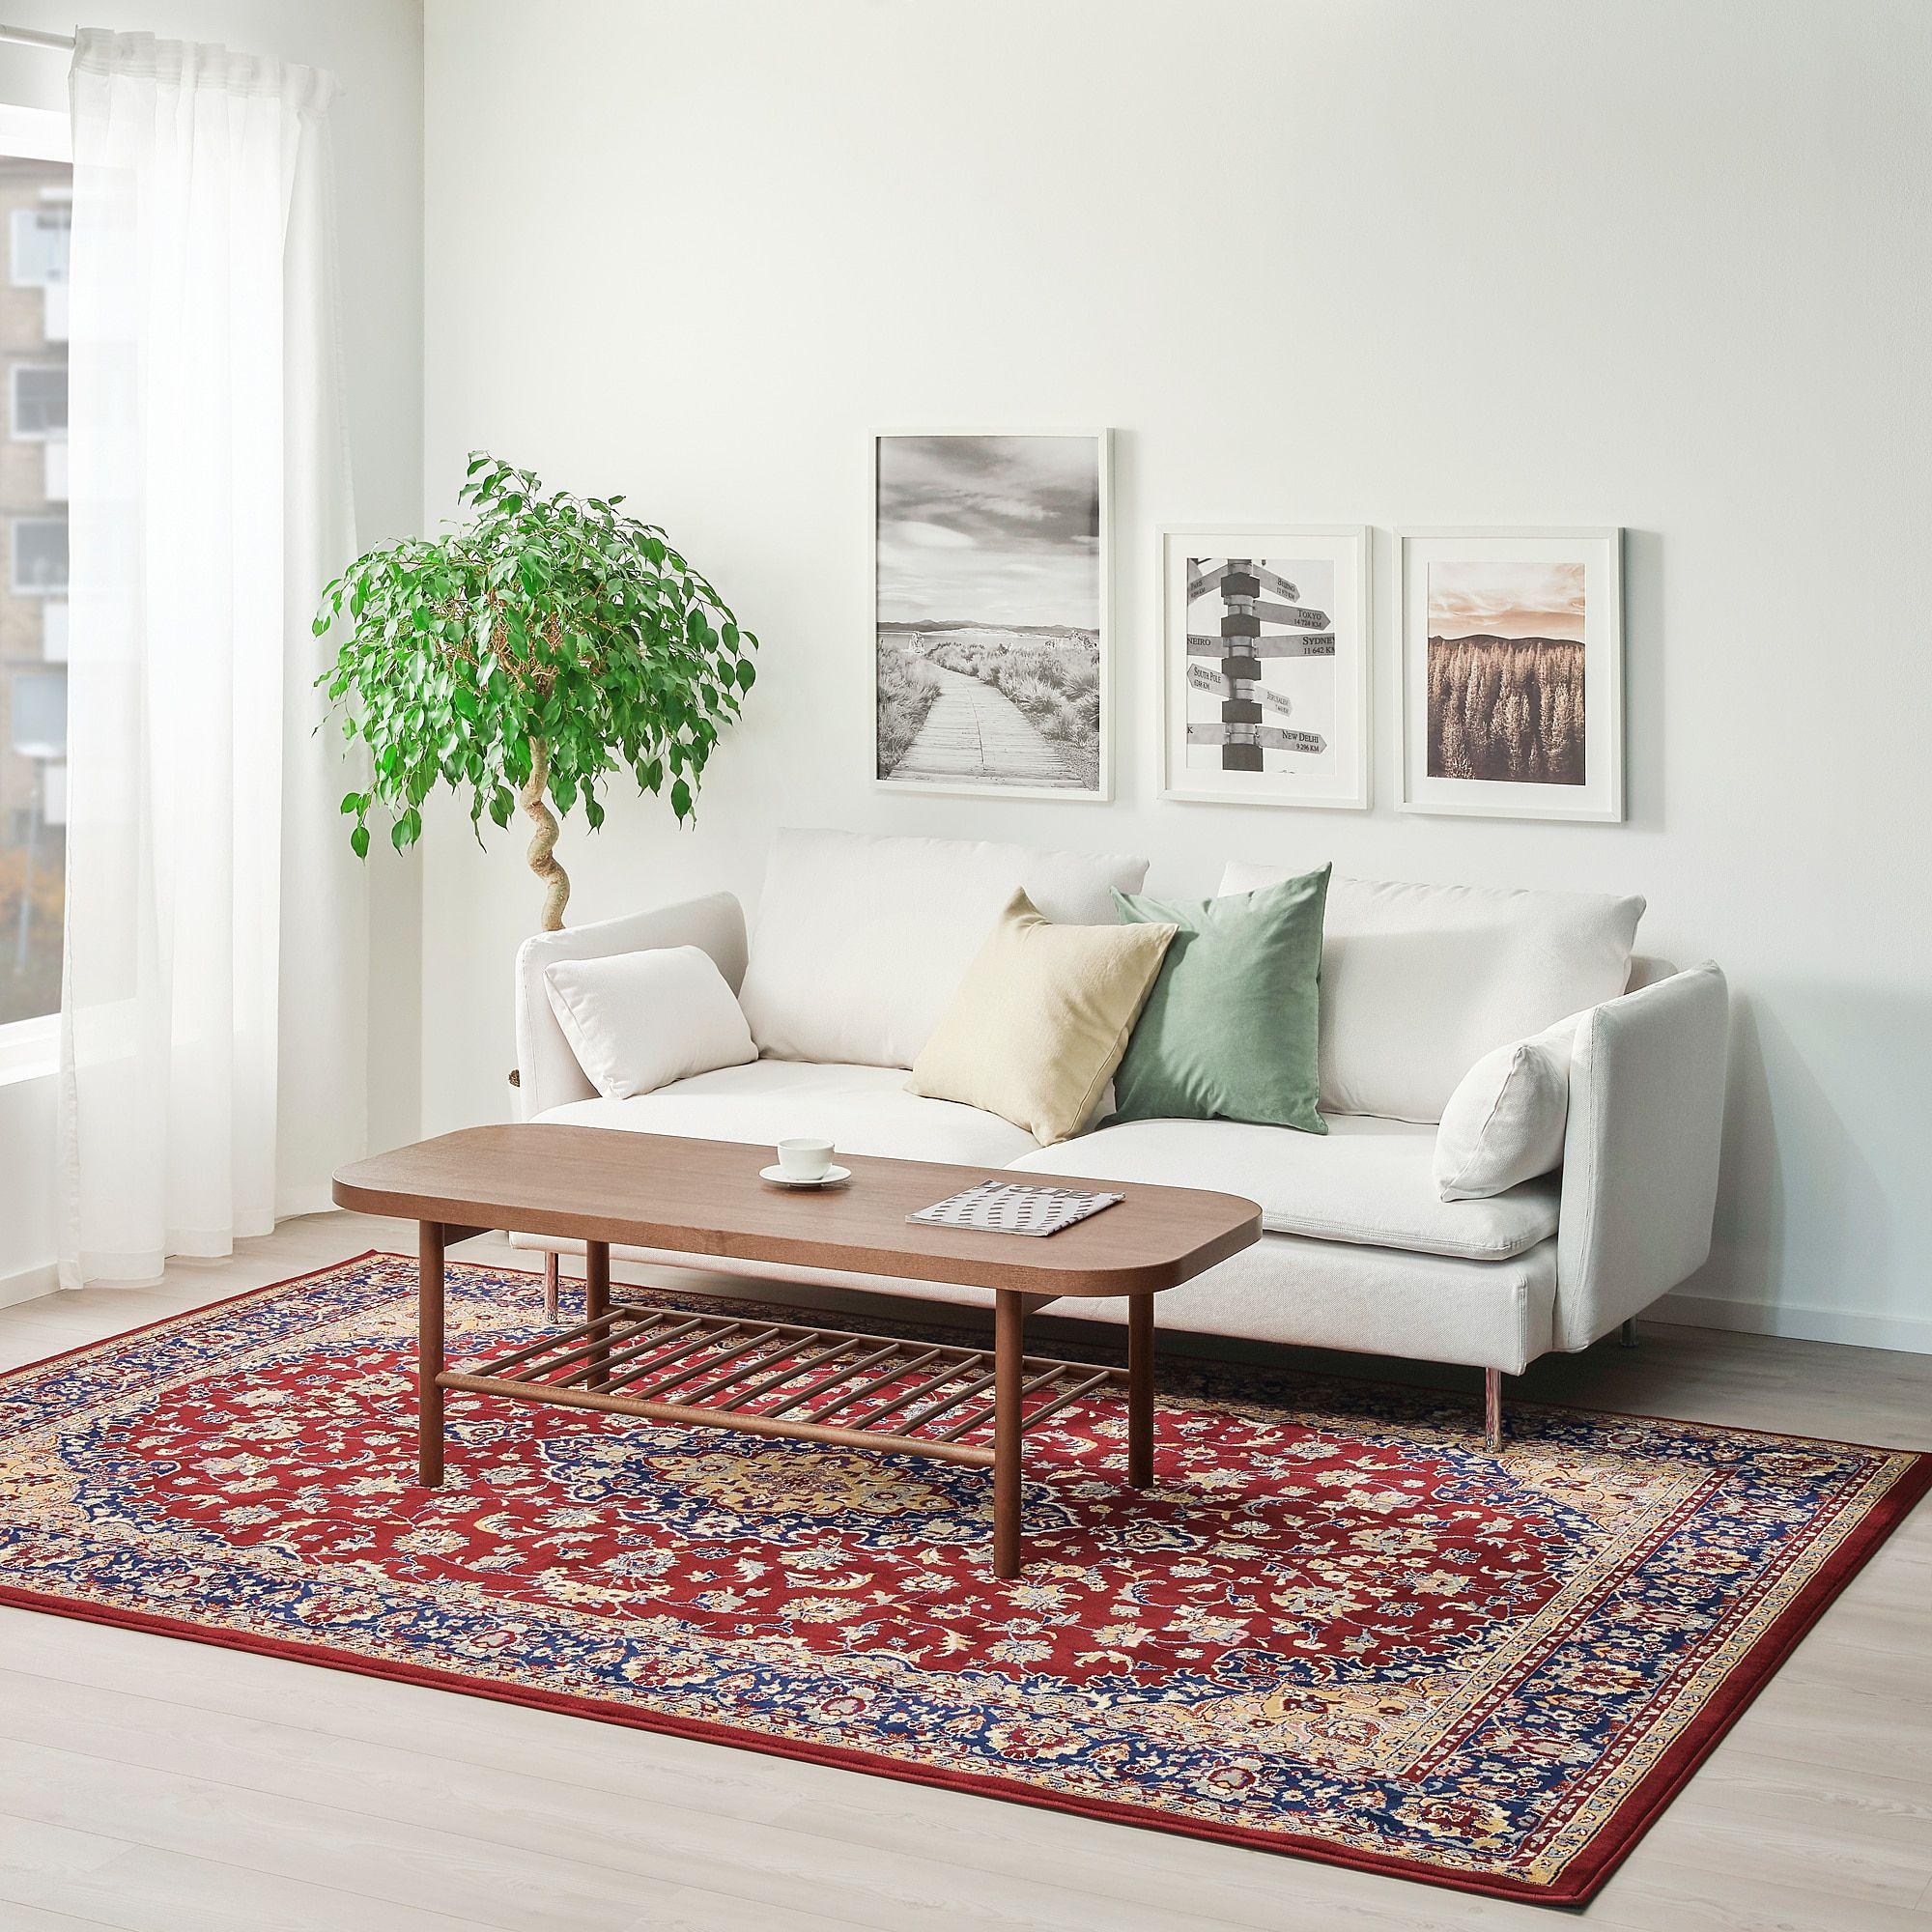 VEDBÄK Teppich Kurzflor, Bunt. Alle Information Zum Produkt Erhalten - IKEA Österreich | Vedbaek, Rugs In Living Room, Ikea Rug